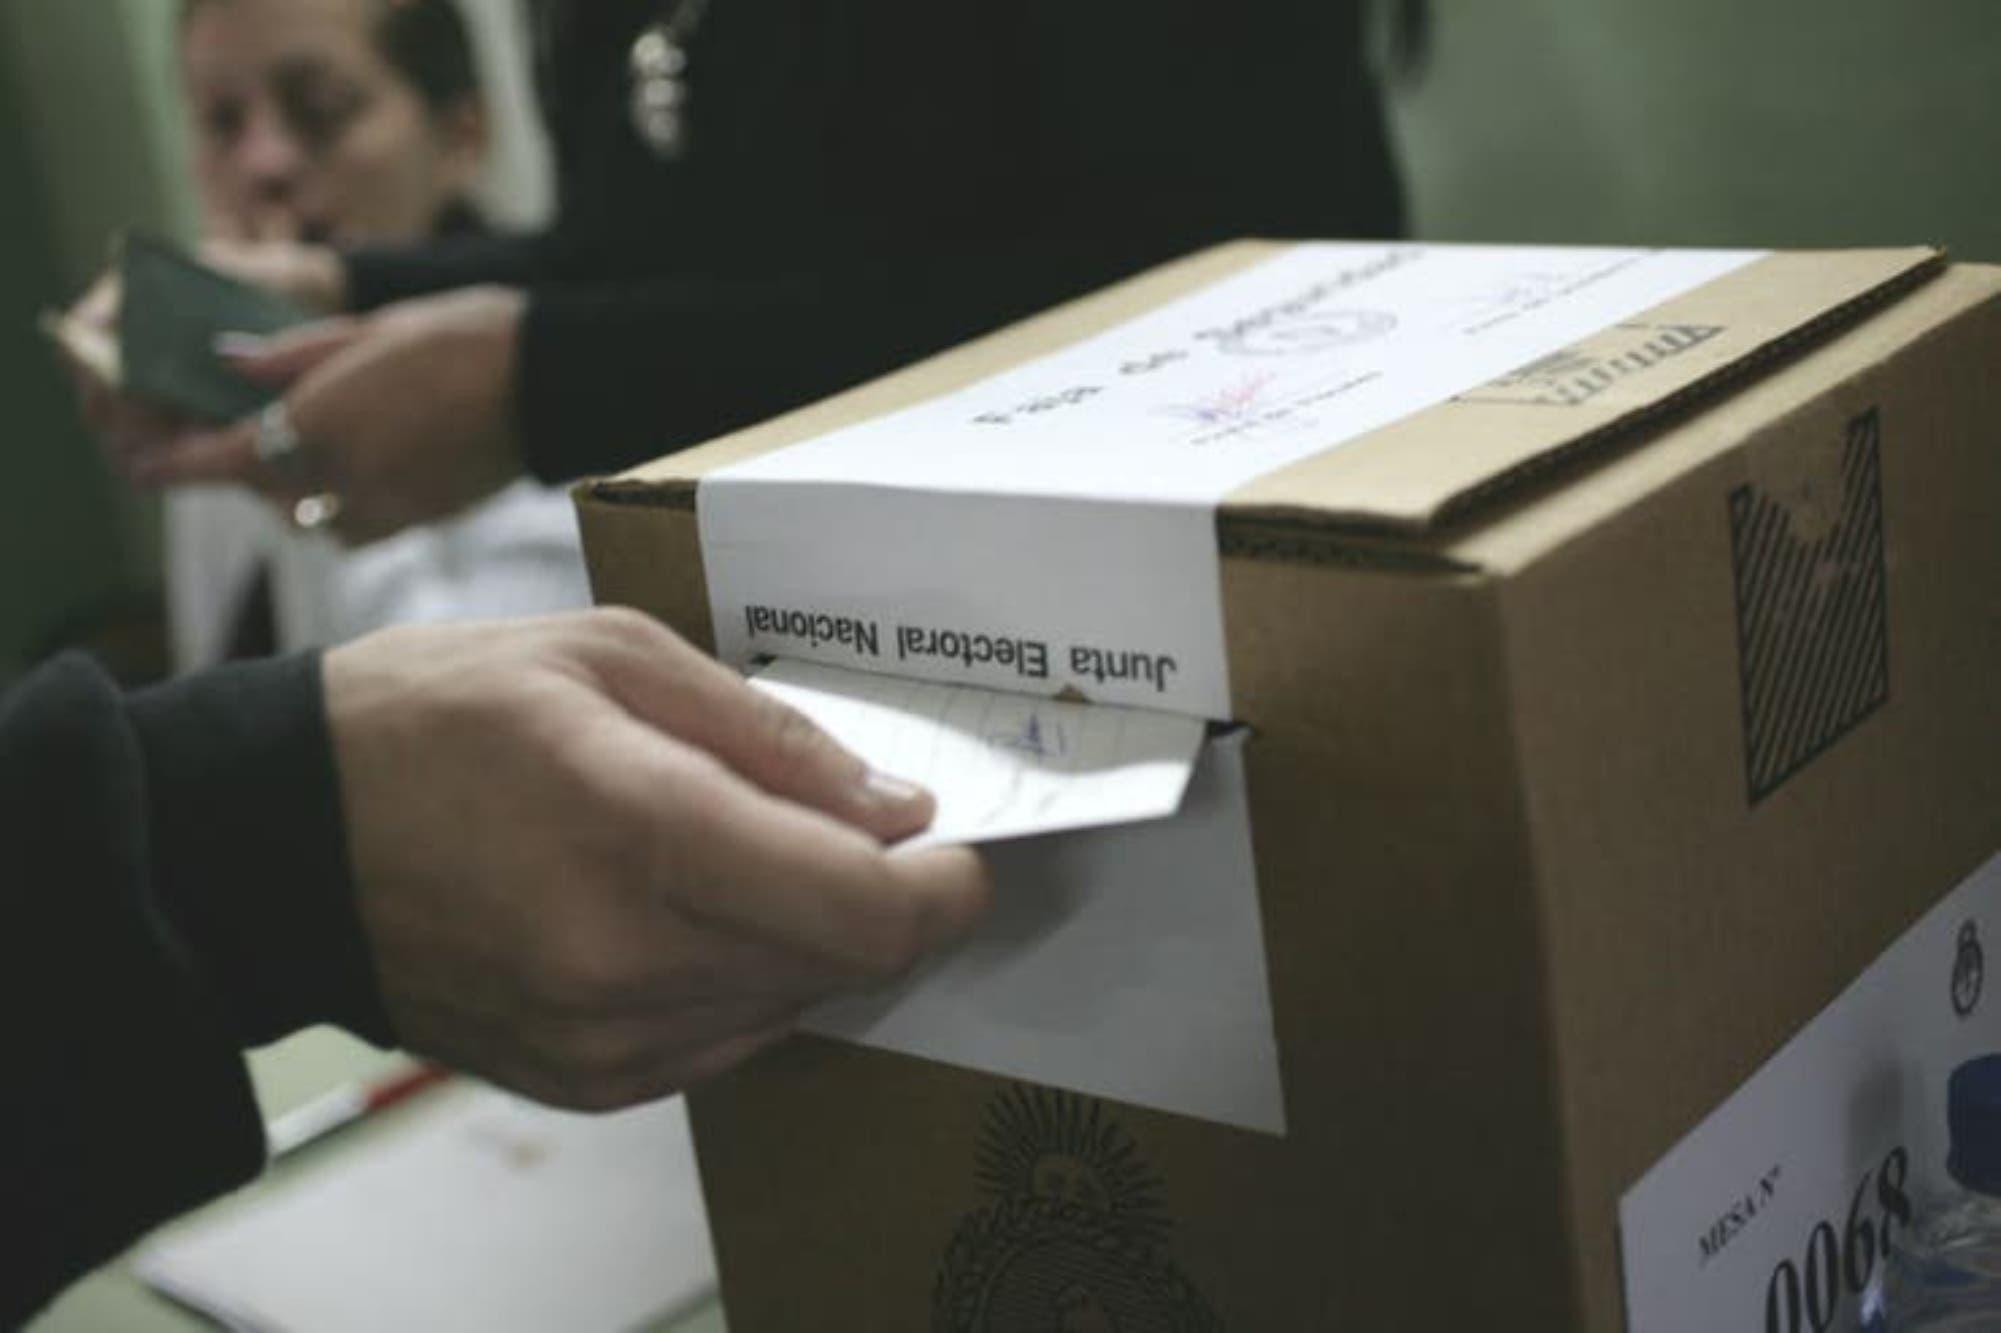 Rige la veda electoral: qué se puede hacer y qué actividades prohíbe